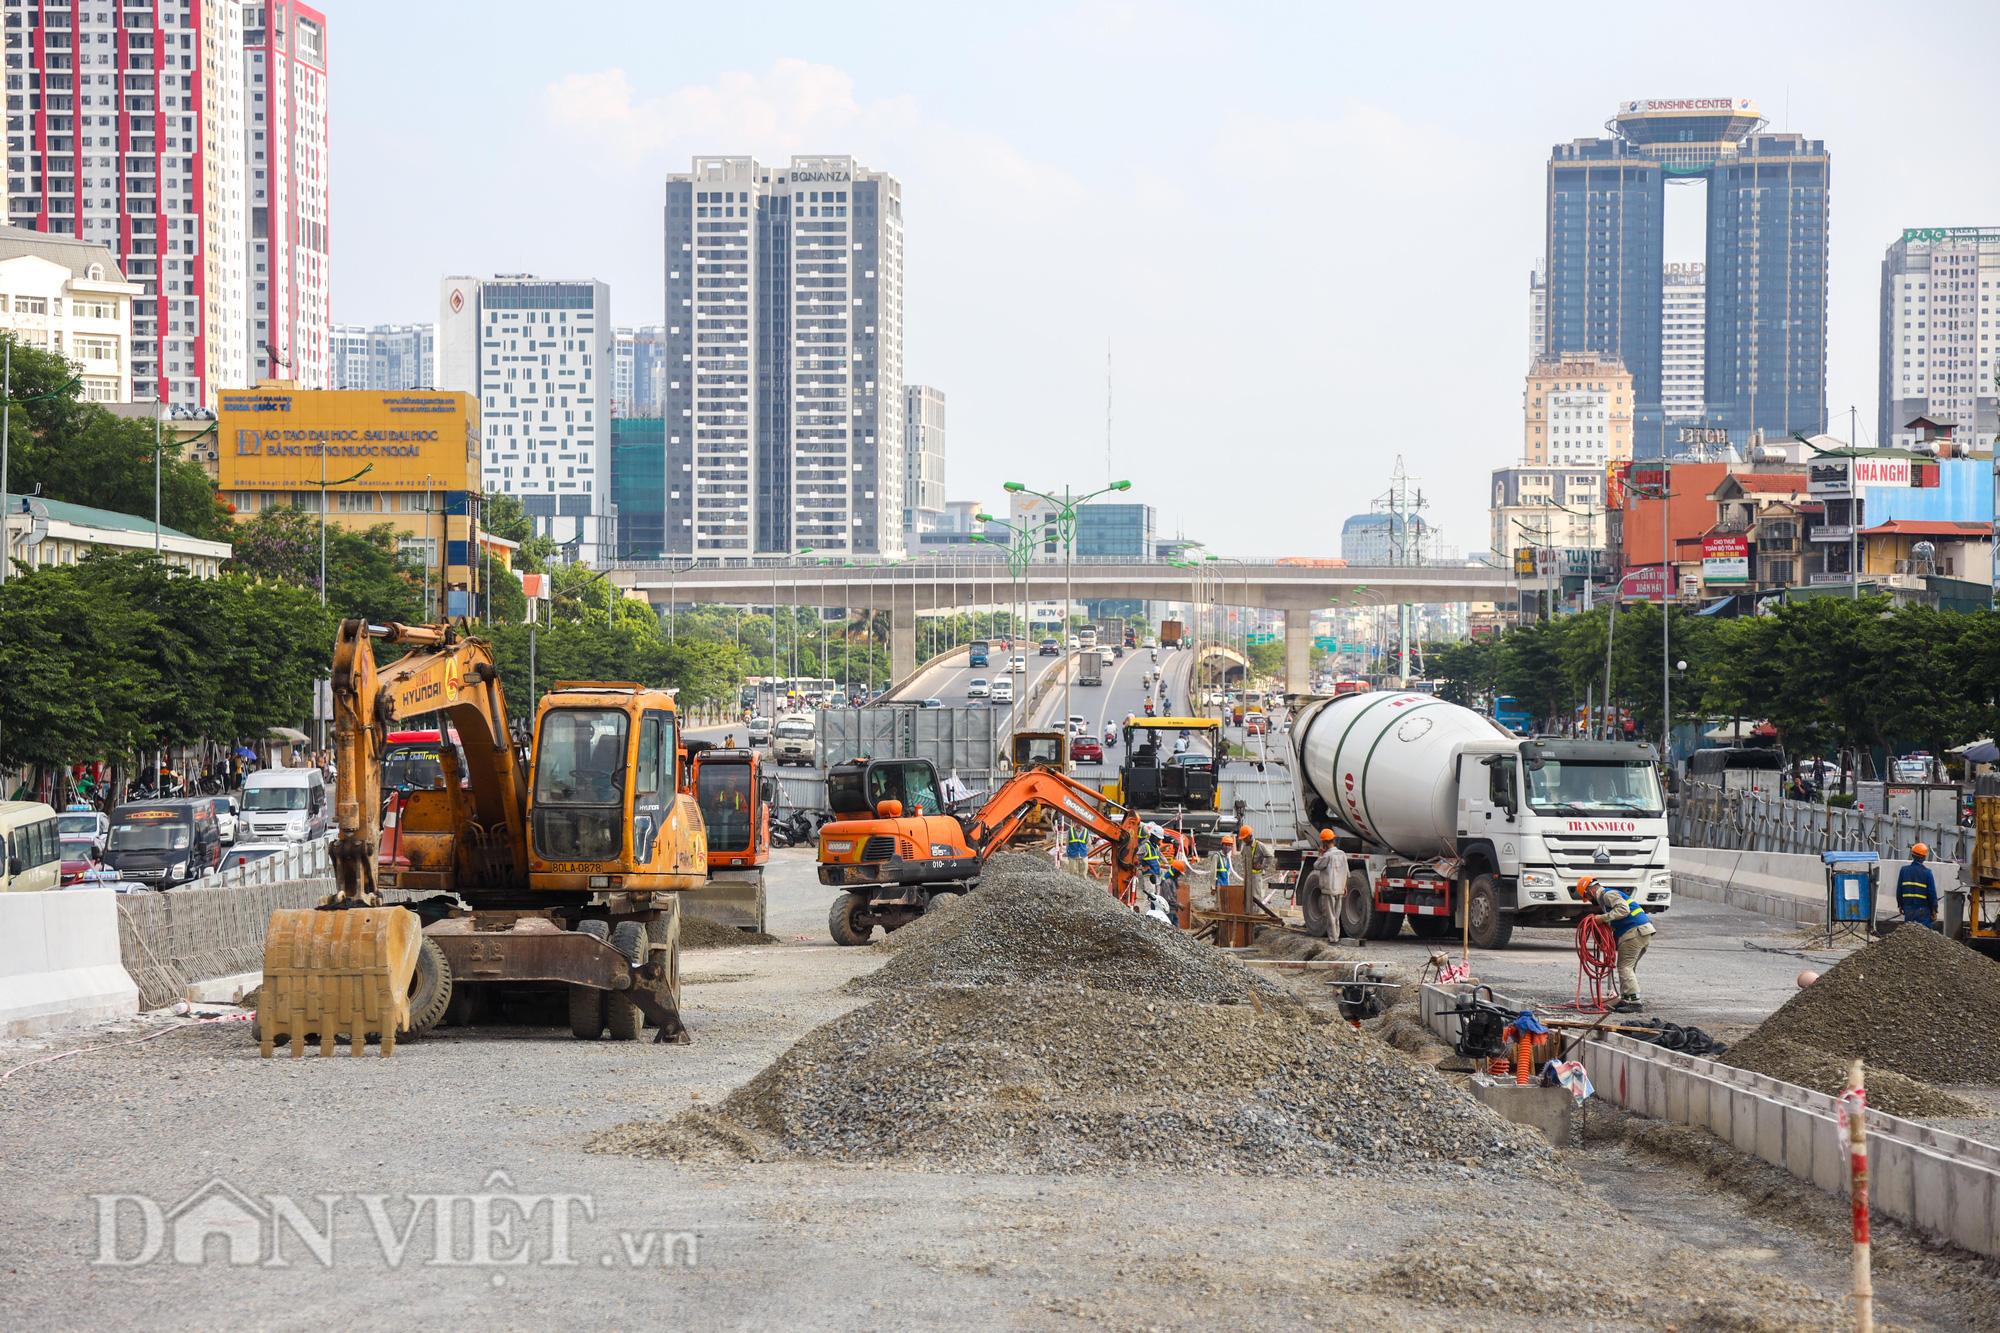 Gấp rút thi công đường vành đai 3 trên cao đón 1010 năm Thăng Long - Hà Nội - Ảnh 3.